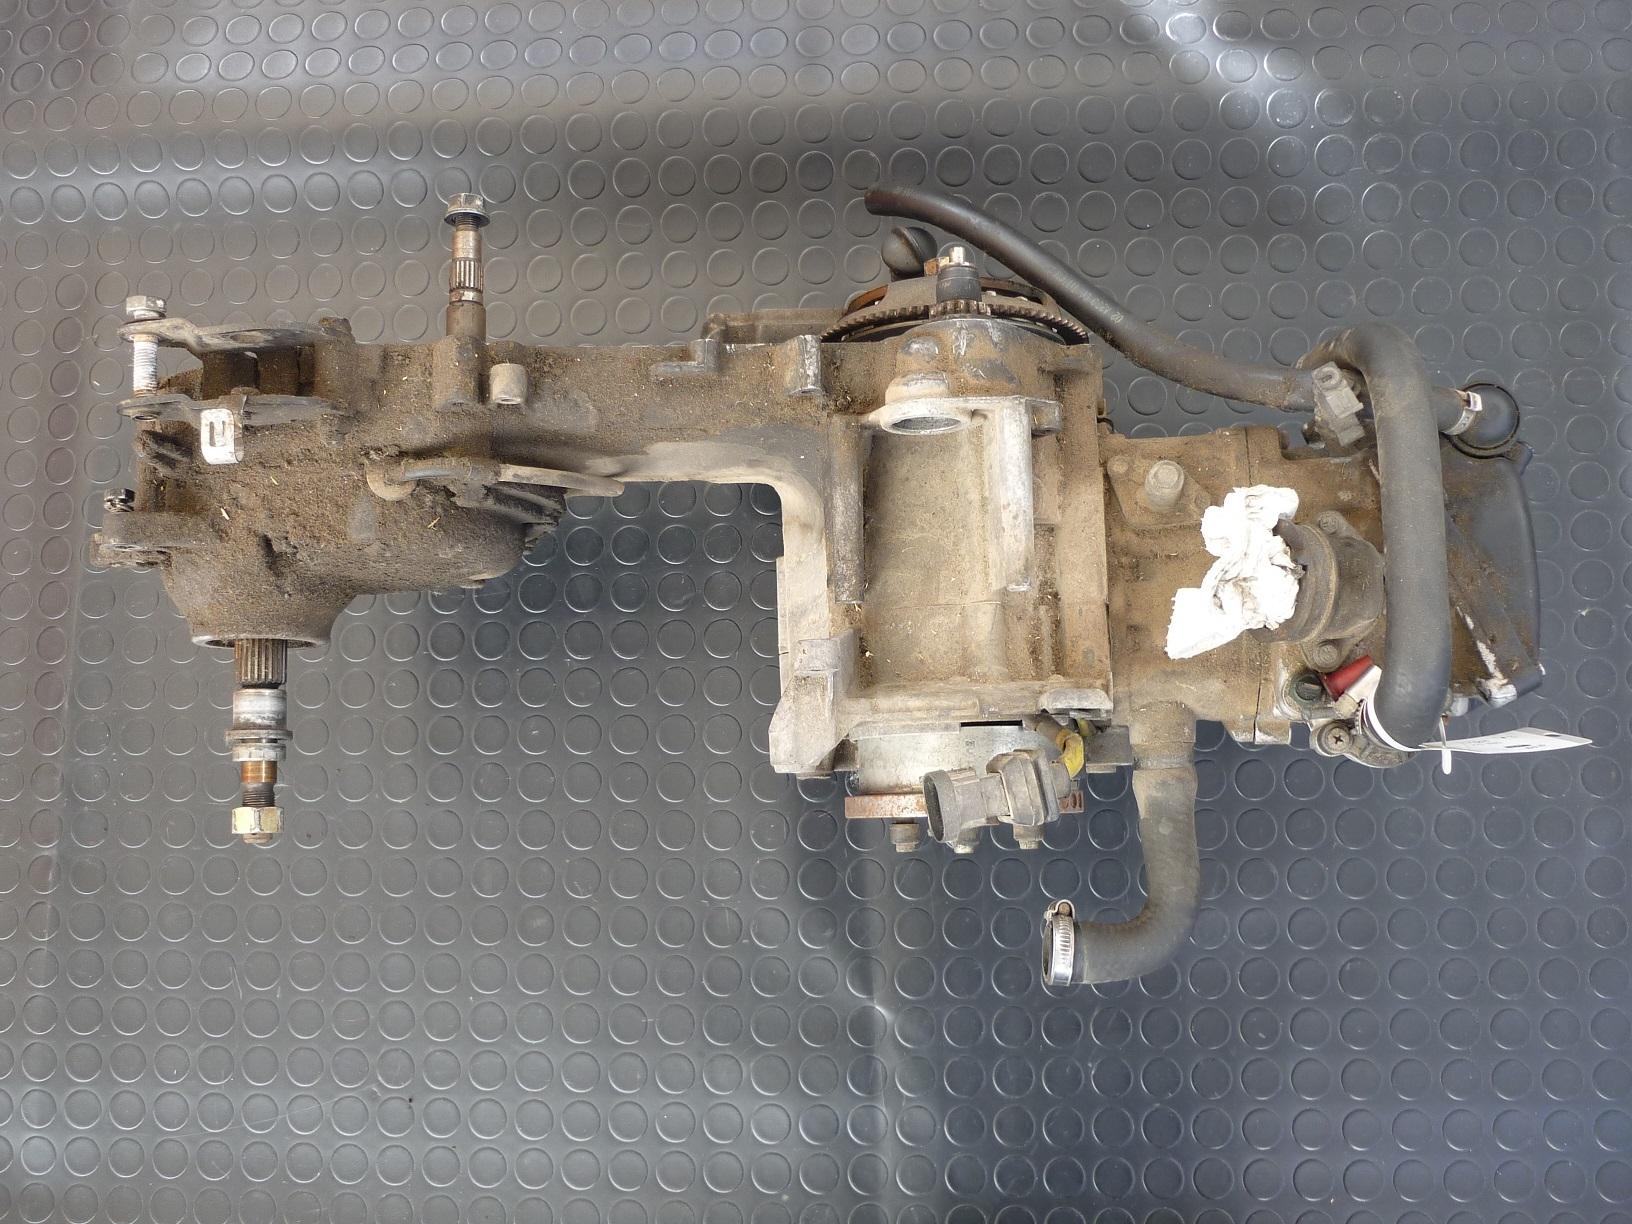 MOTORE USATO SCOOTER PIAGGIO X9 180 ANNO 2002